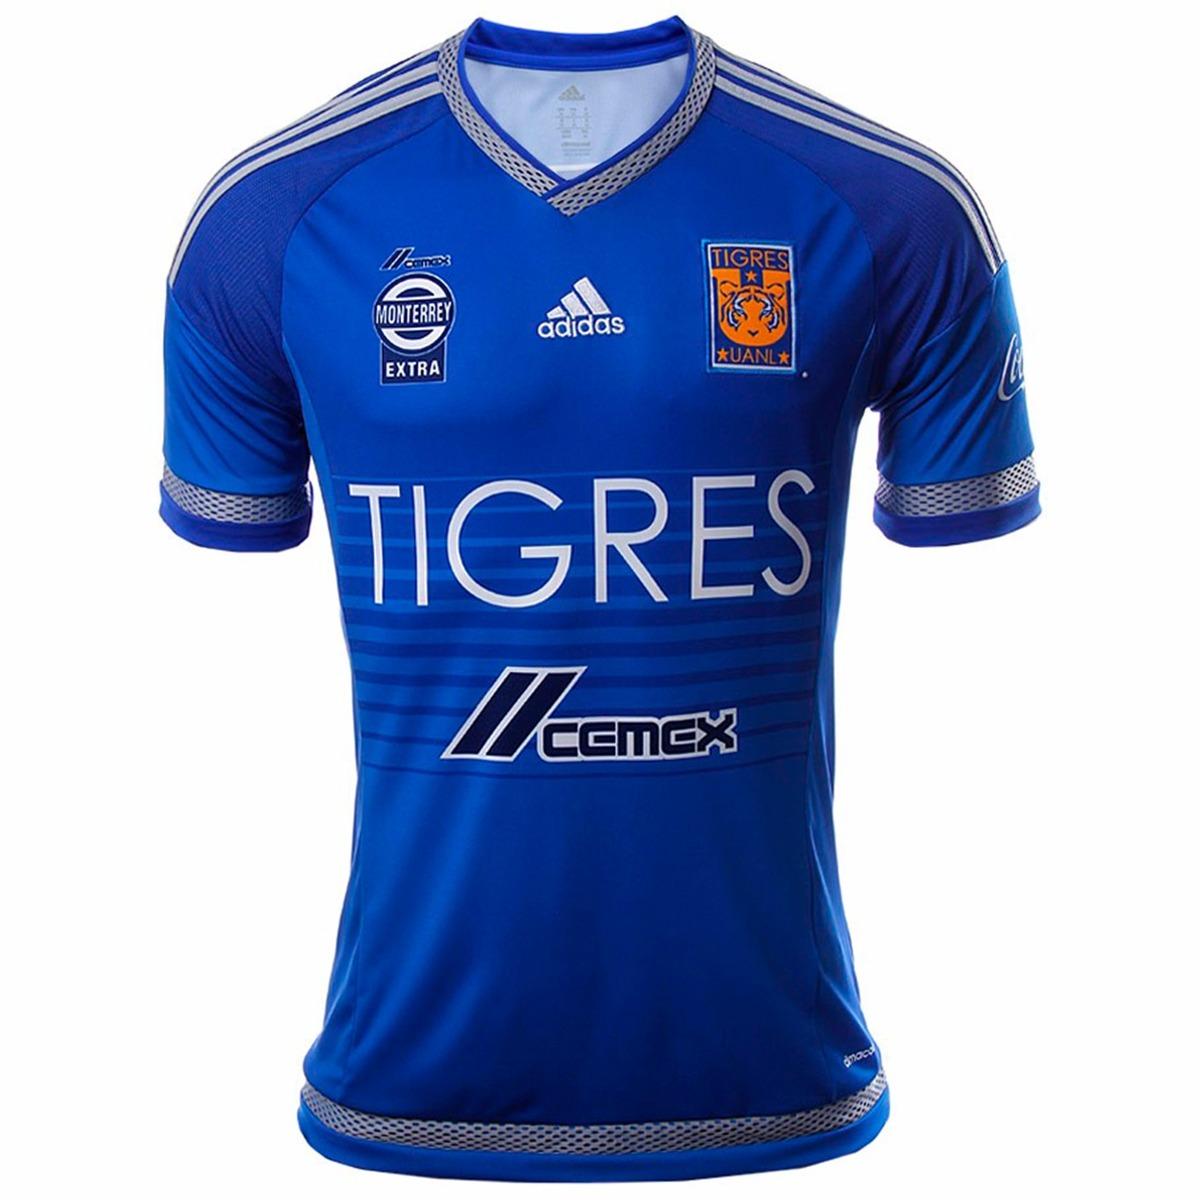 playera jersey de visitante tigres uanl 15 16 adidas s29562. Cargando zoom. 7b220af41c8a4